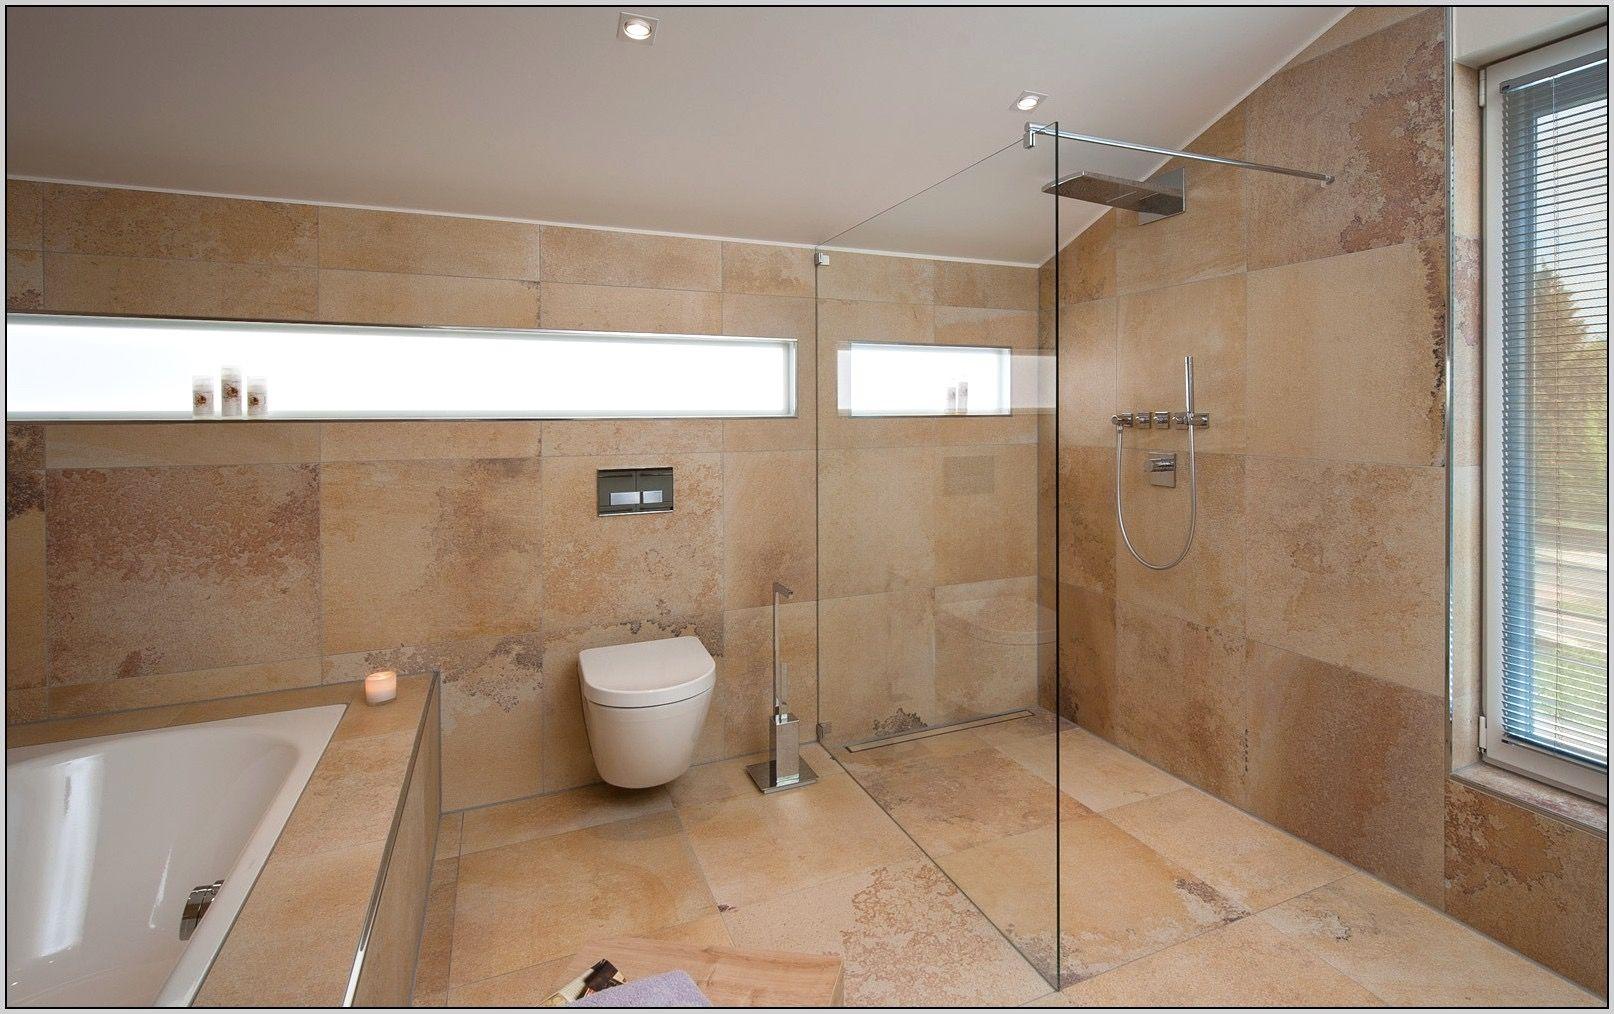 badezimmer mediteran, badezimmer mediterran modern | wohnzimmer wandgestaltung streichen, Design ideen